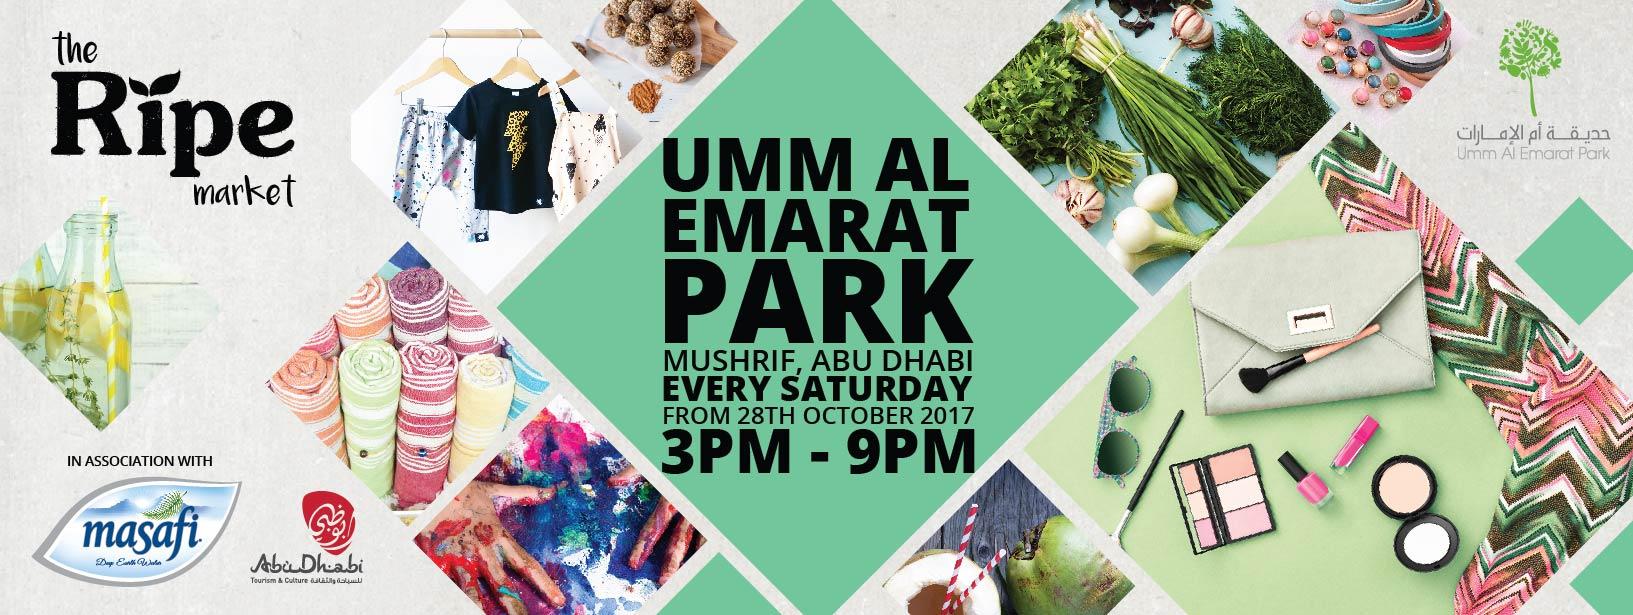 Umm Al Emarat FB banners-01